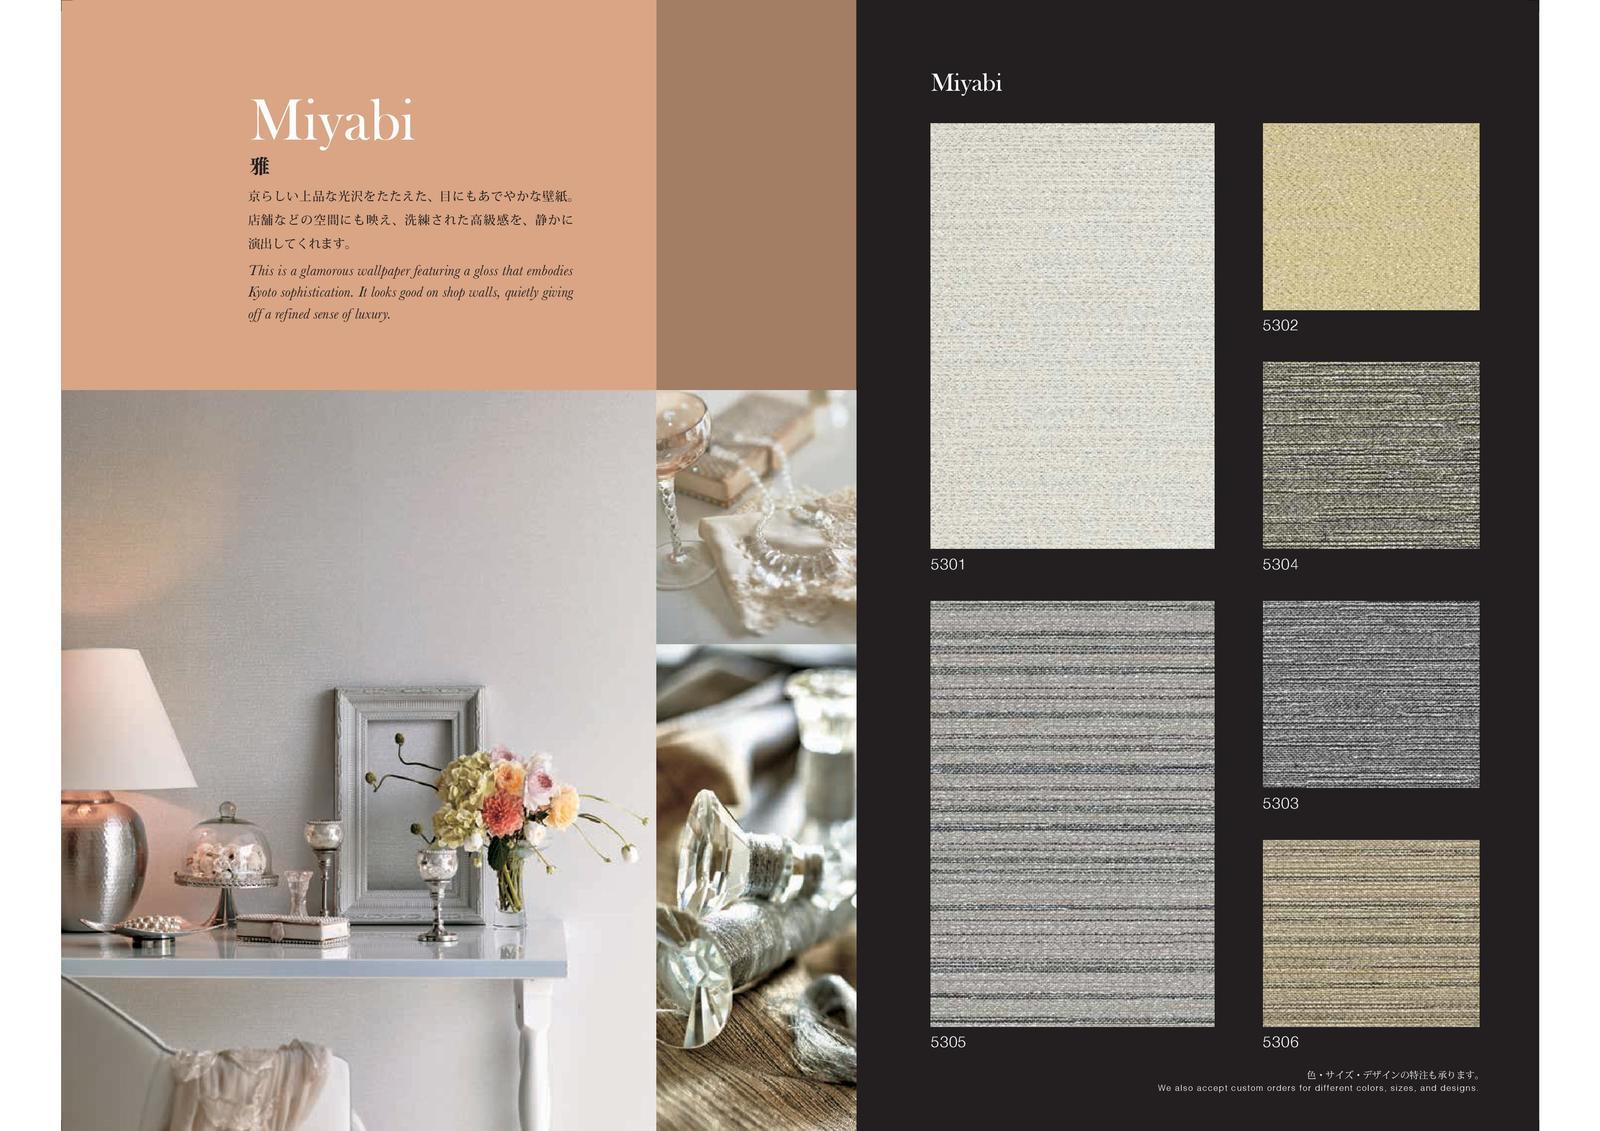 楽天市場 織物壁紙 見本帳 カタログ ミニサンプル短冊 Kyoto Izumi